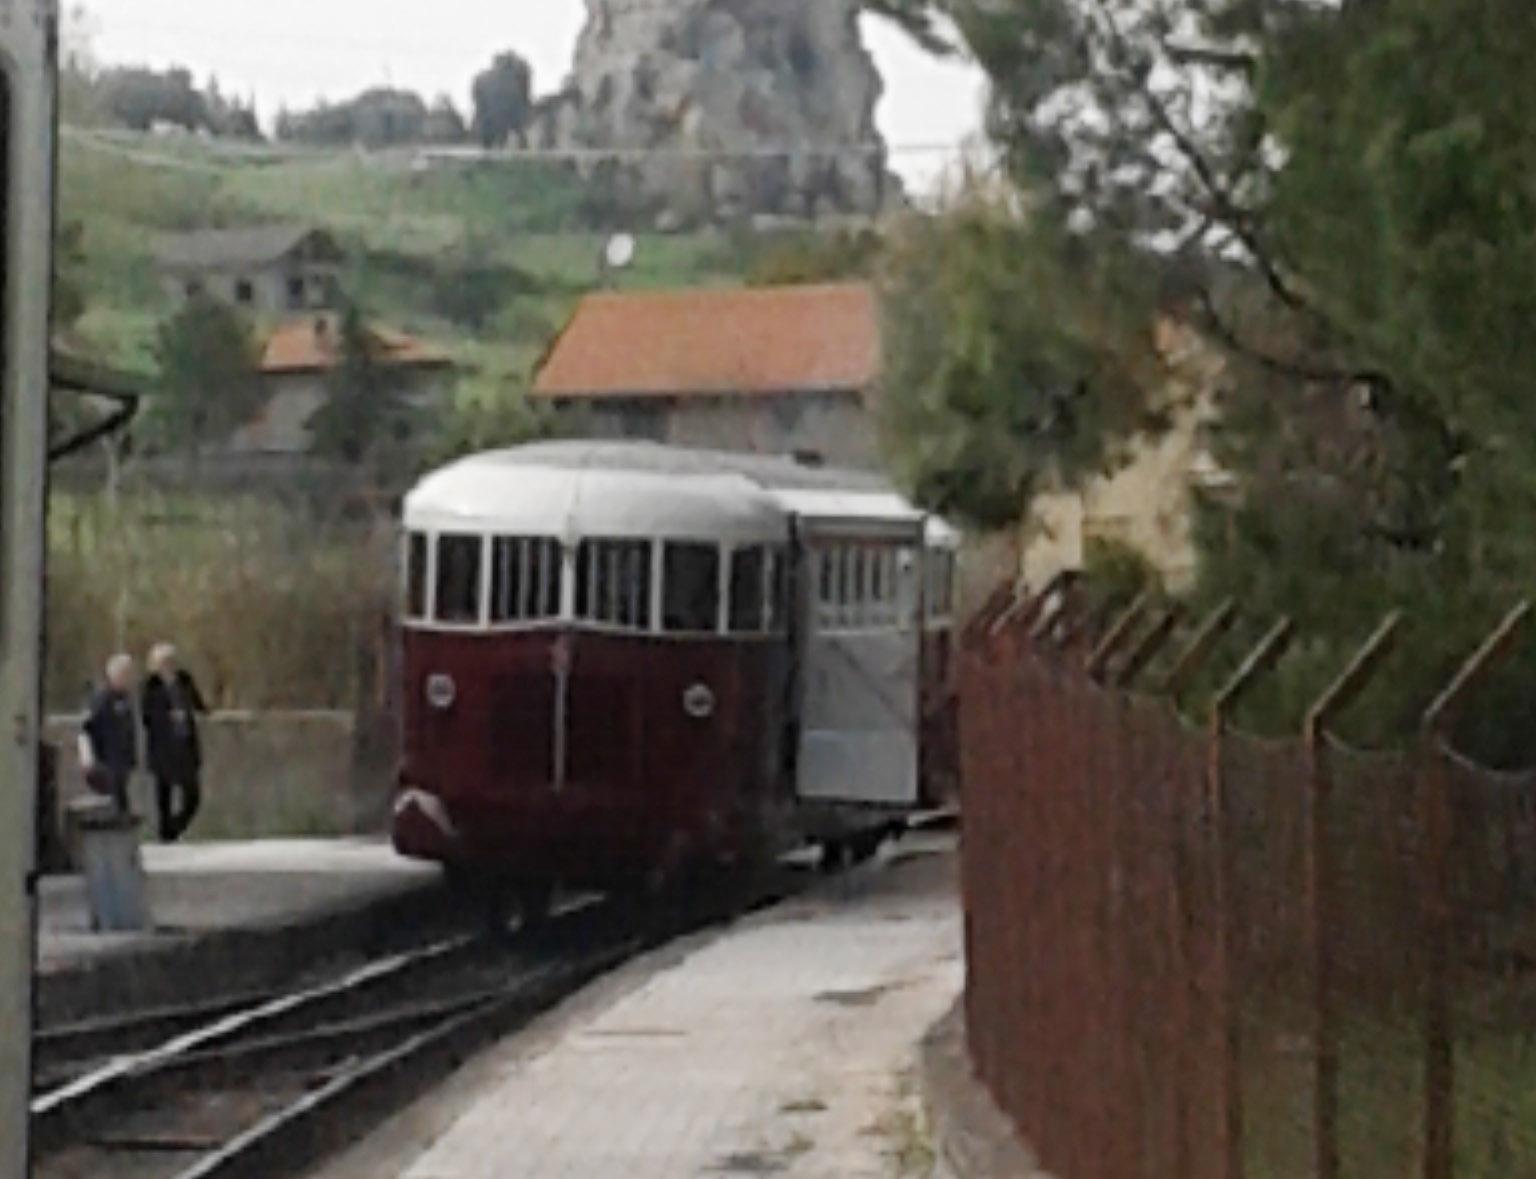 Incidente ferroviario moto impatta con littorina - Incidente giardini naxos oggi ...